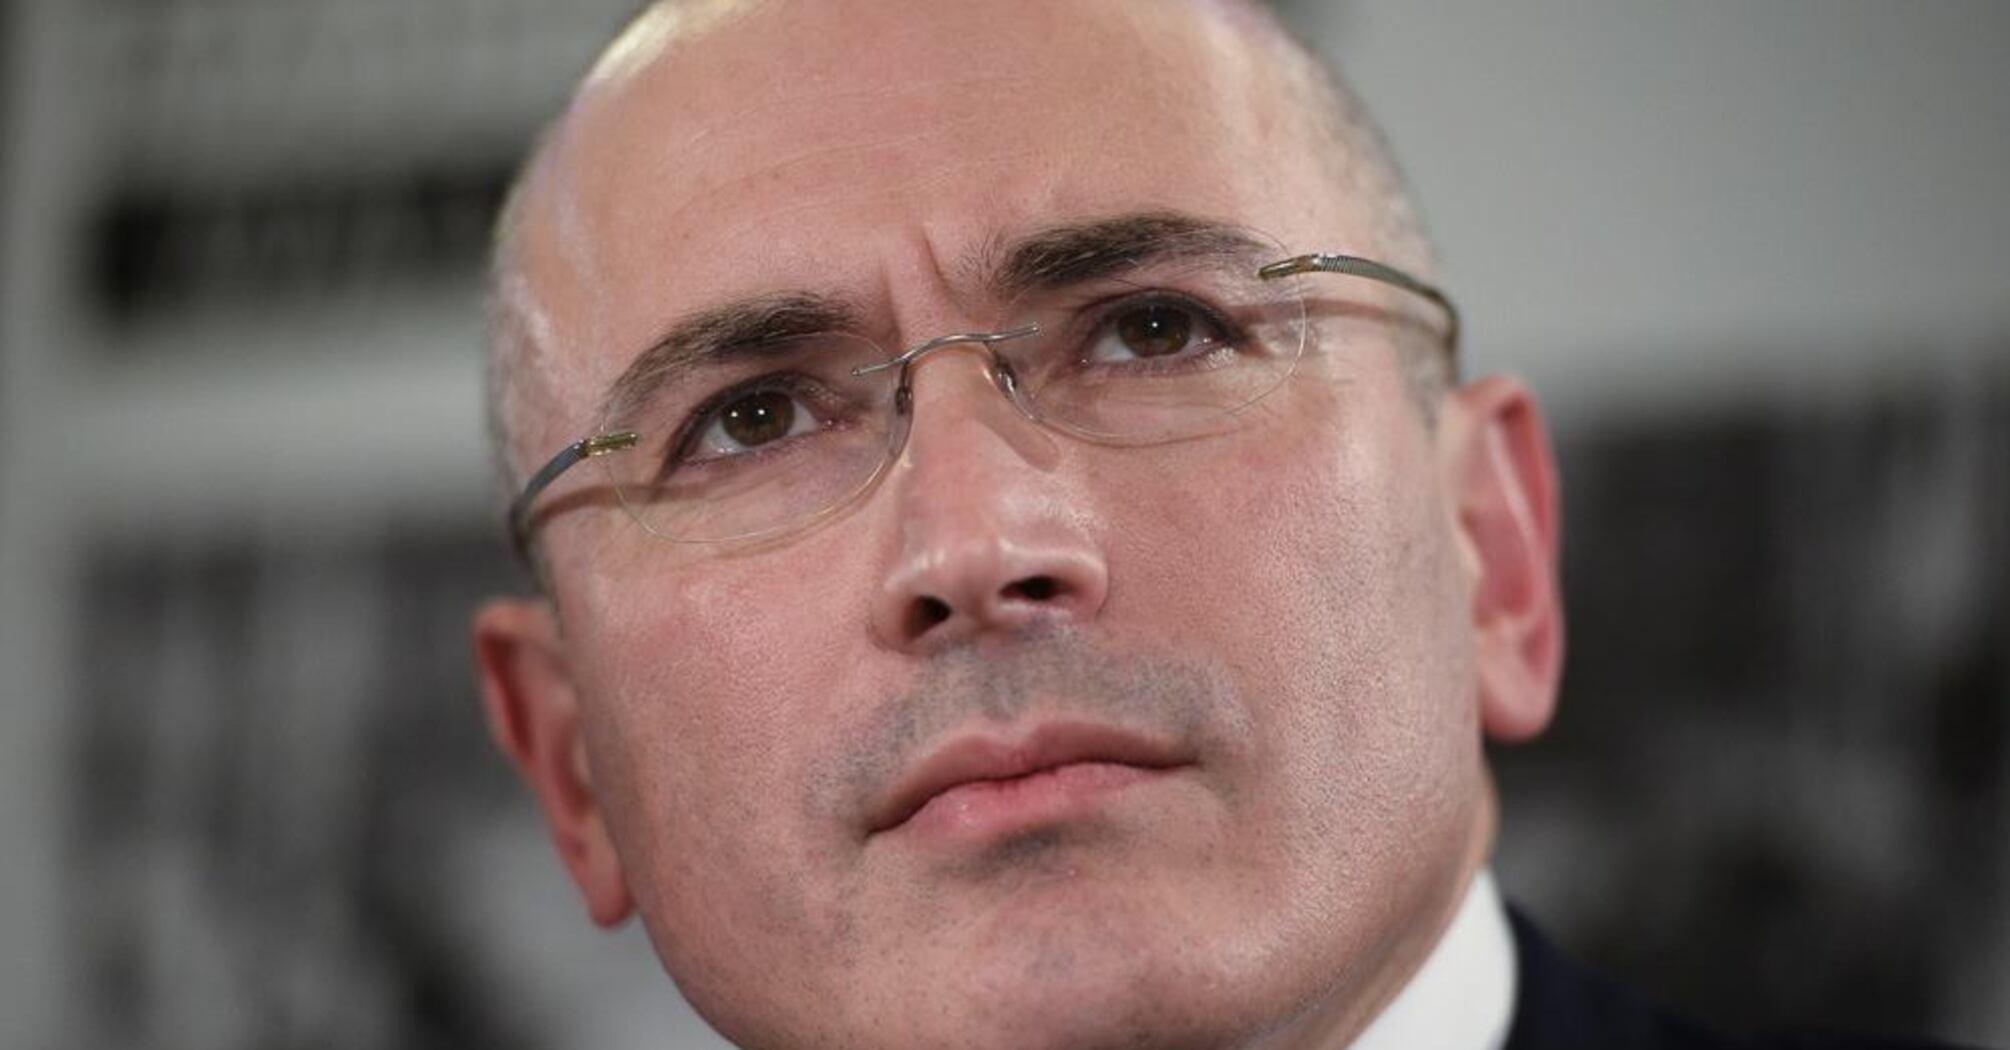 Один з найбагатших людей в світі: у чому феномен Ходорковського і де він зараз